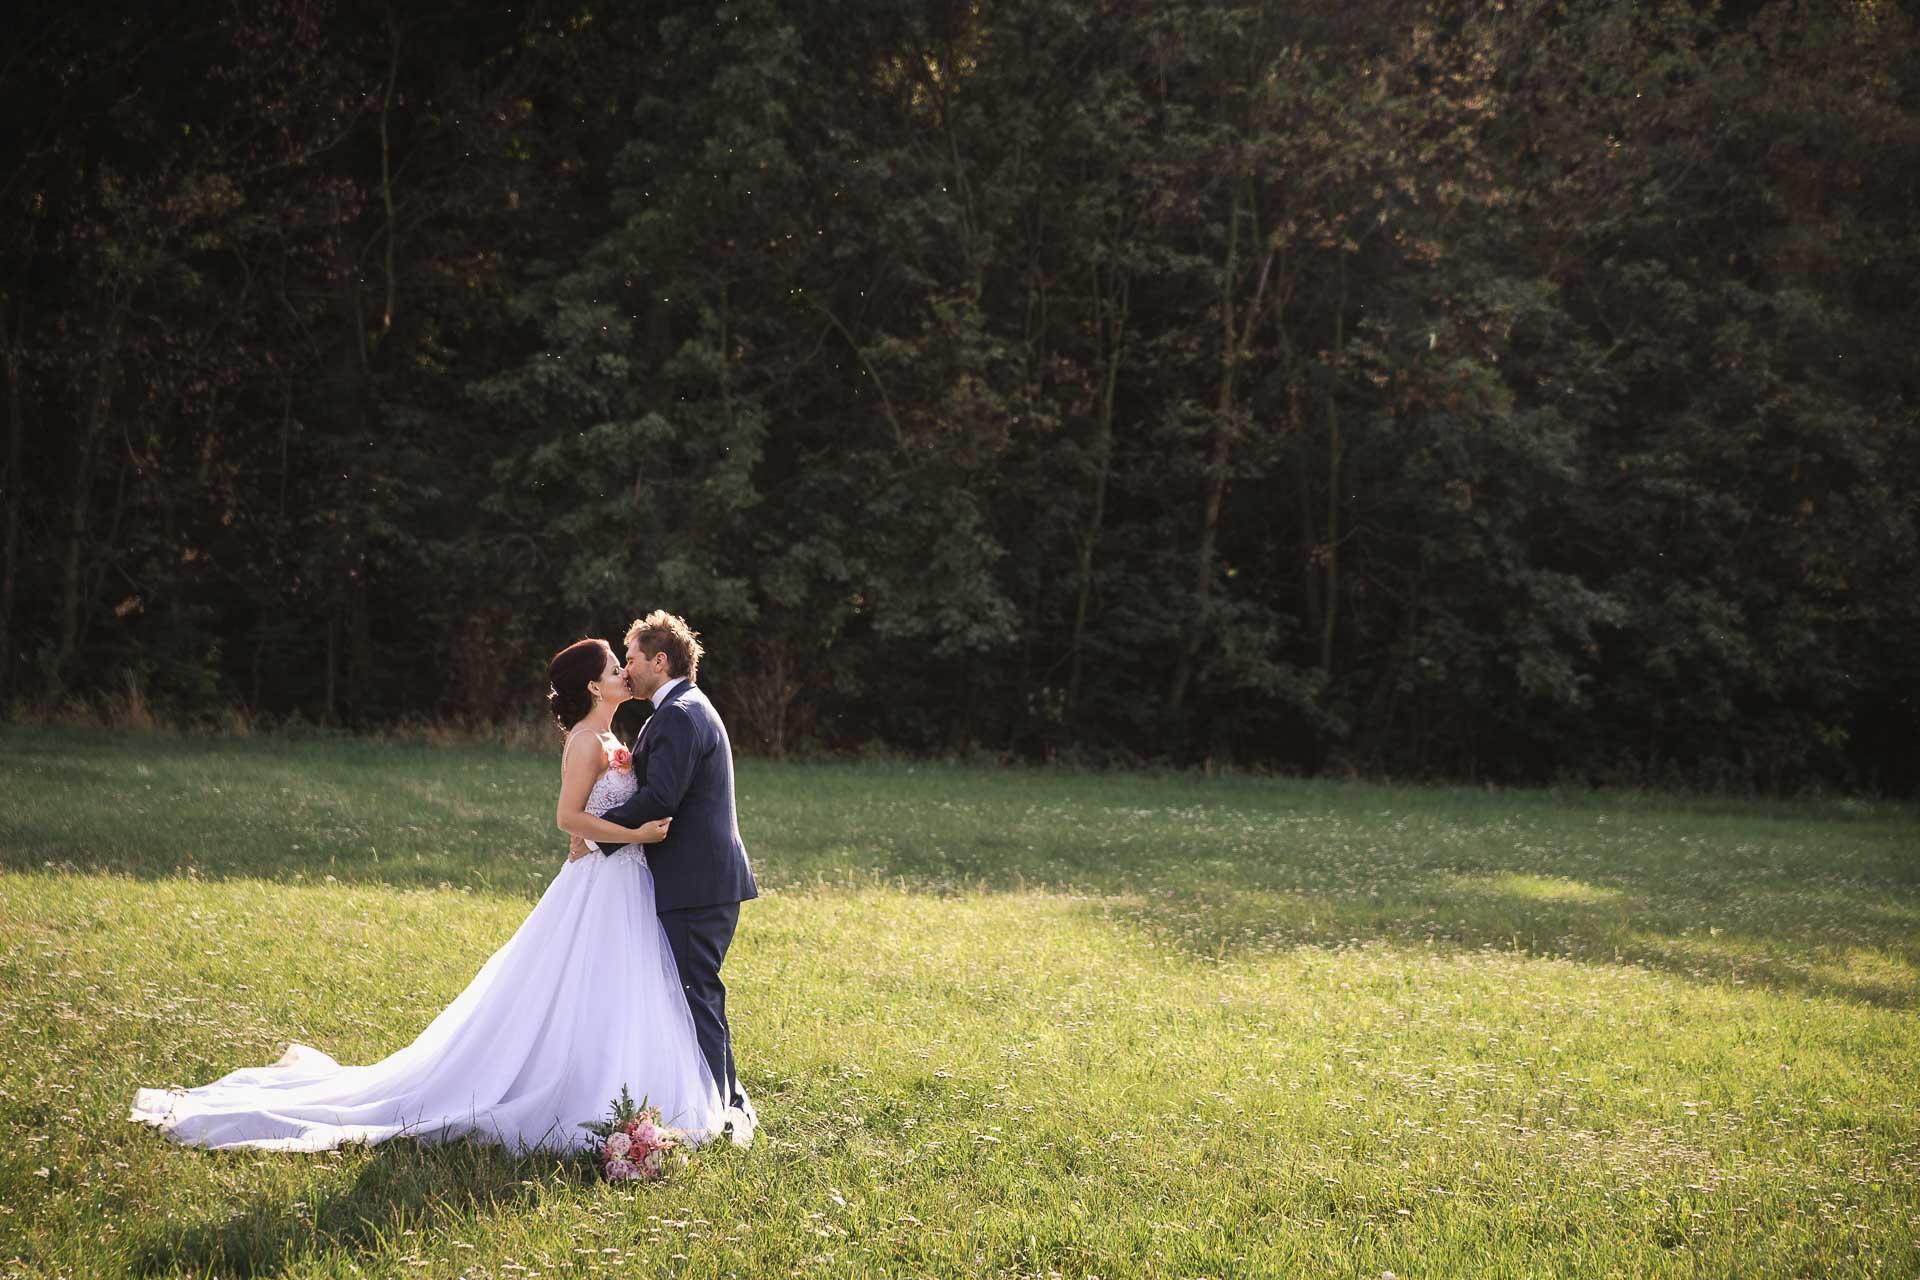 svatební-fotografie-Říp-svatební-video-ŘÍP-svatební-fotograf-ŘÍP-svatba-Mělník-svatba-Neratovice-fotograf-na-savtbu-kameraman-na-svatbu-361